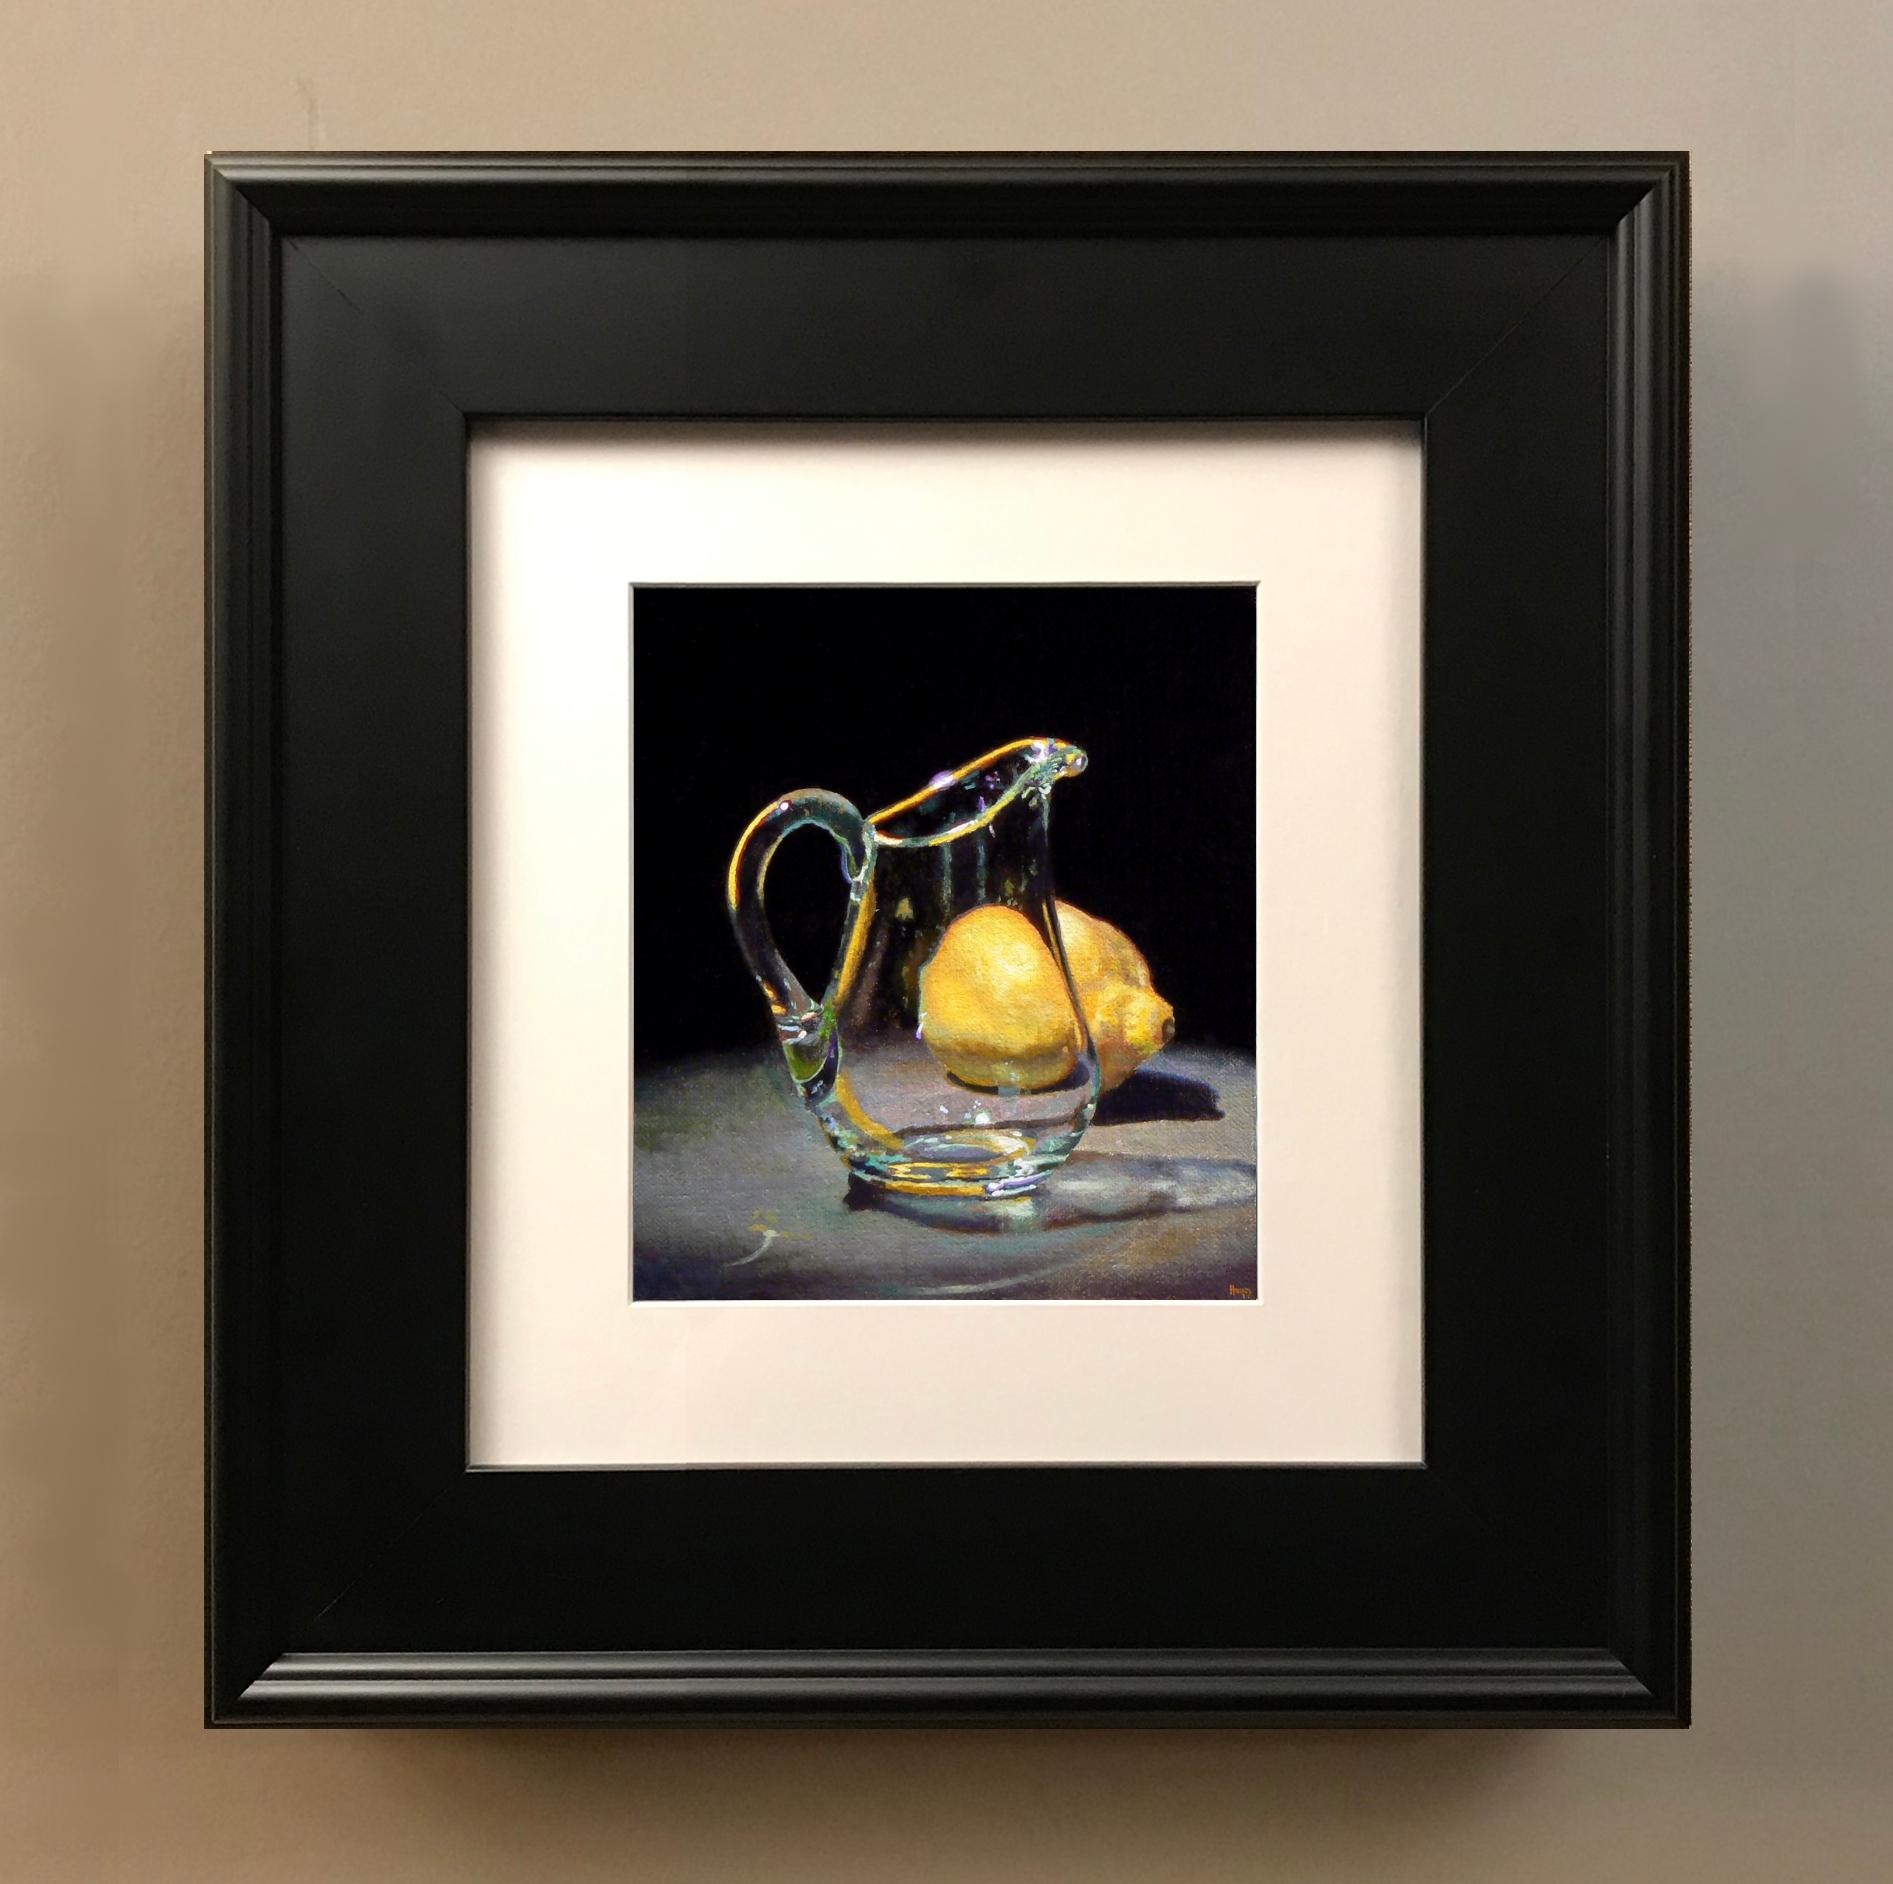 100594-print-plein-air-framed-black